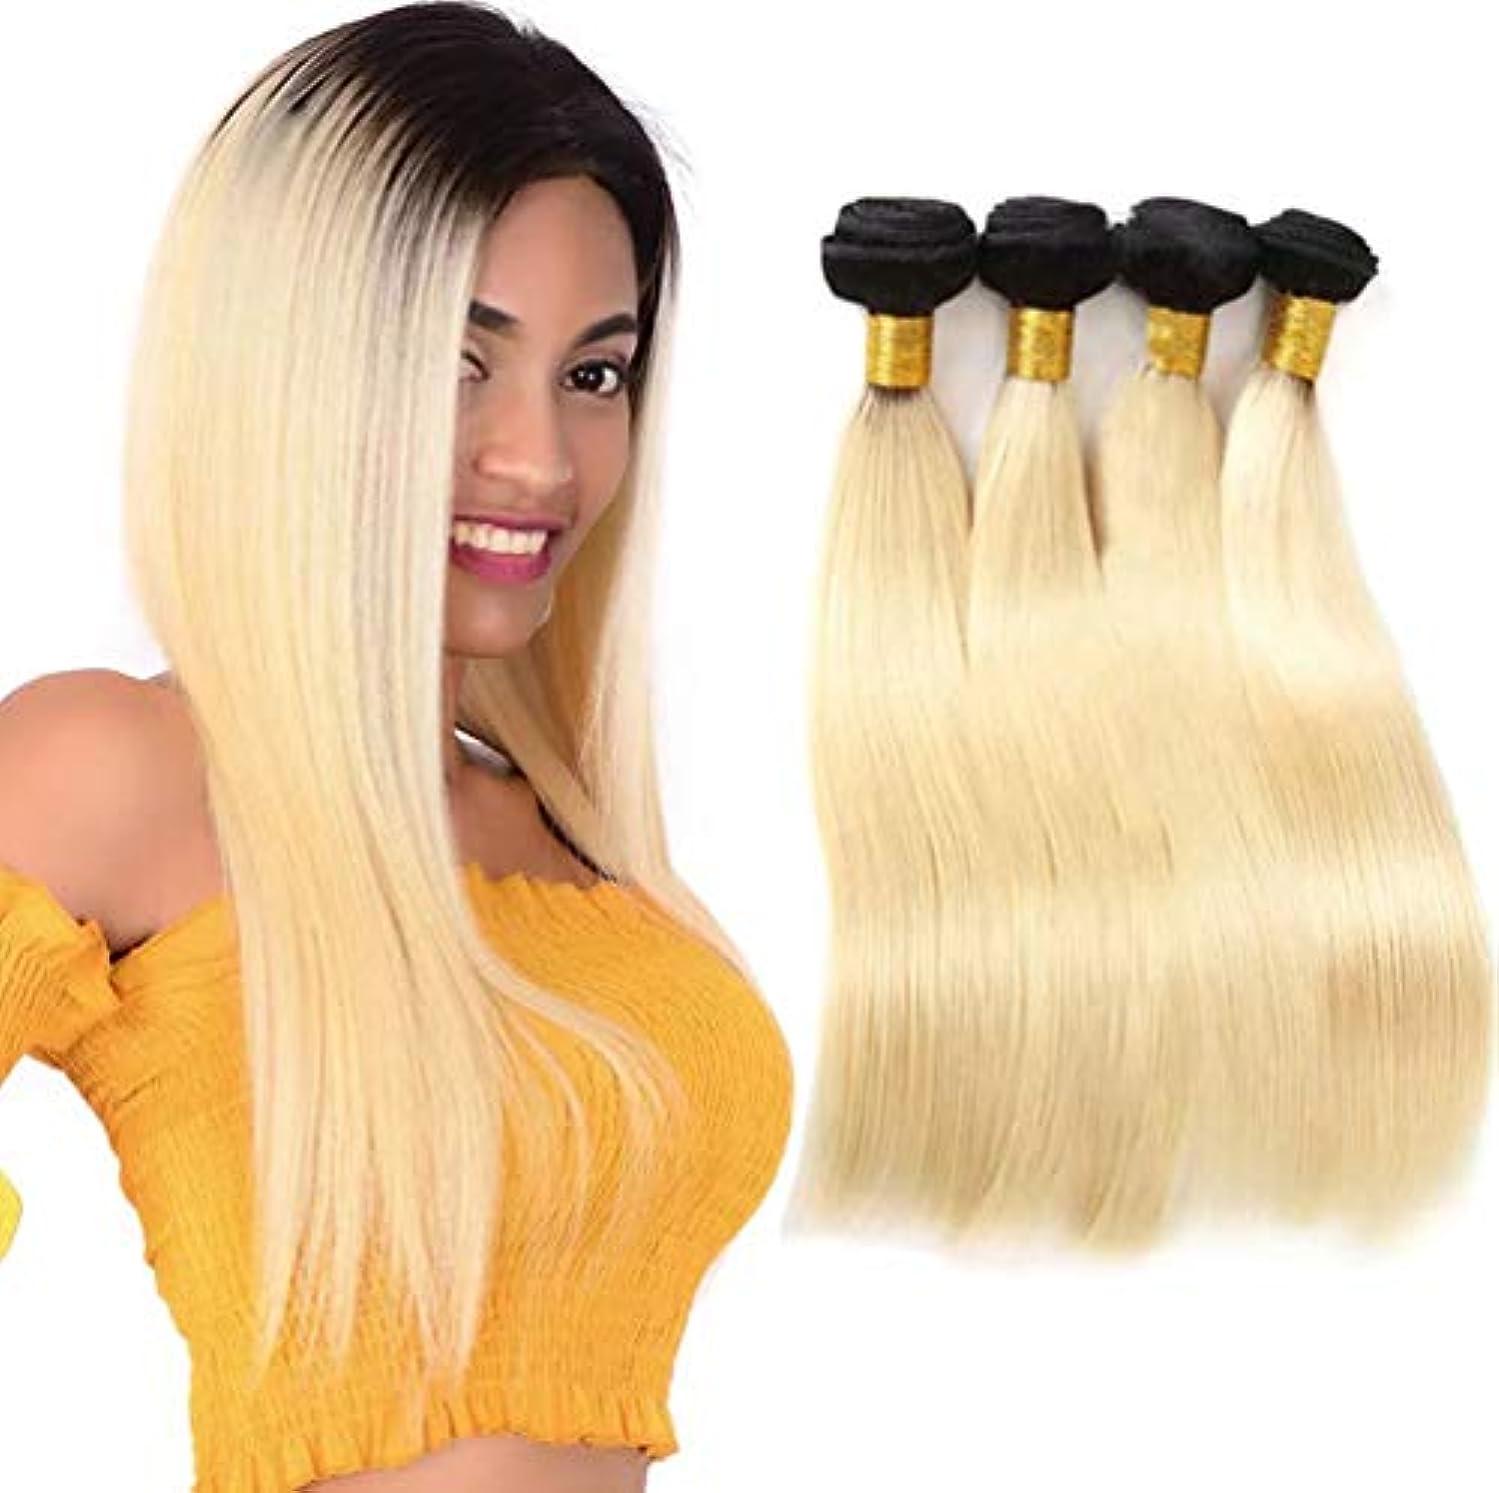 ルーチンブラウザ暗黙女性ブラジル髪織りストレートヘアバンドルブラジル髪人毛バンドルナチュラルカラーグラデーション(3バンドル)